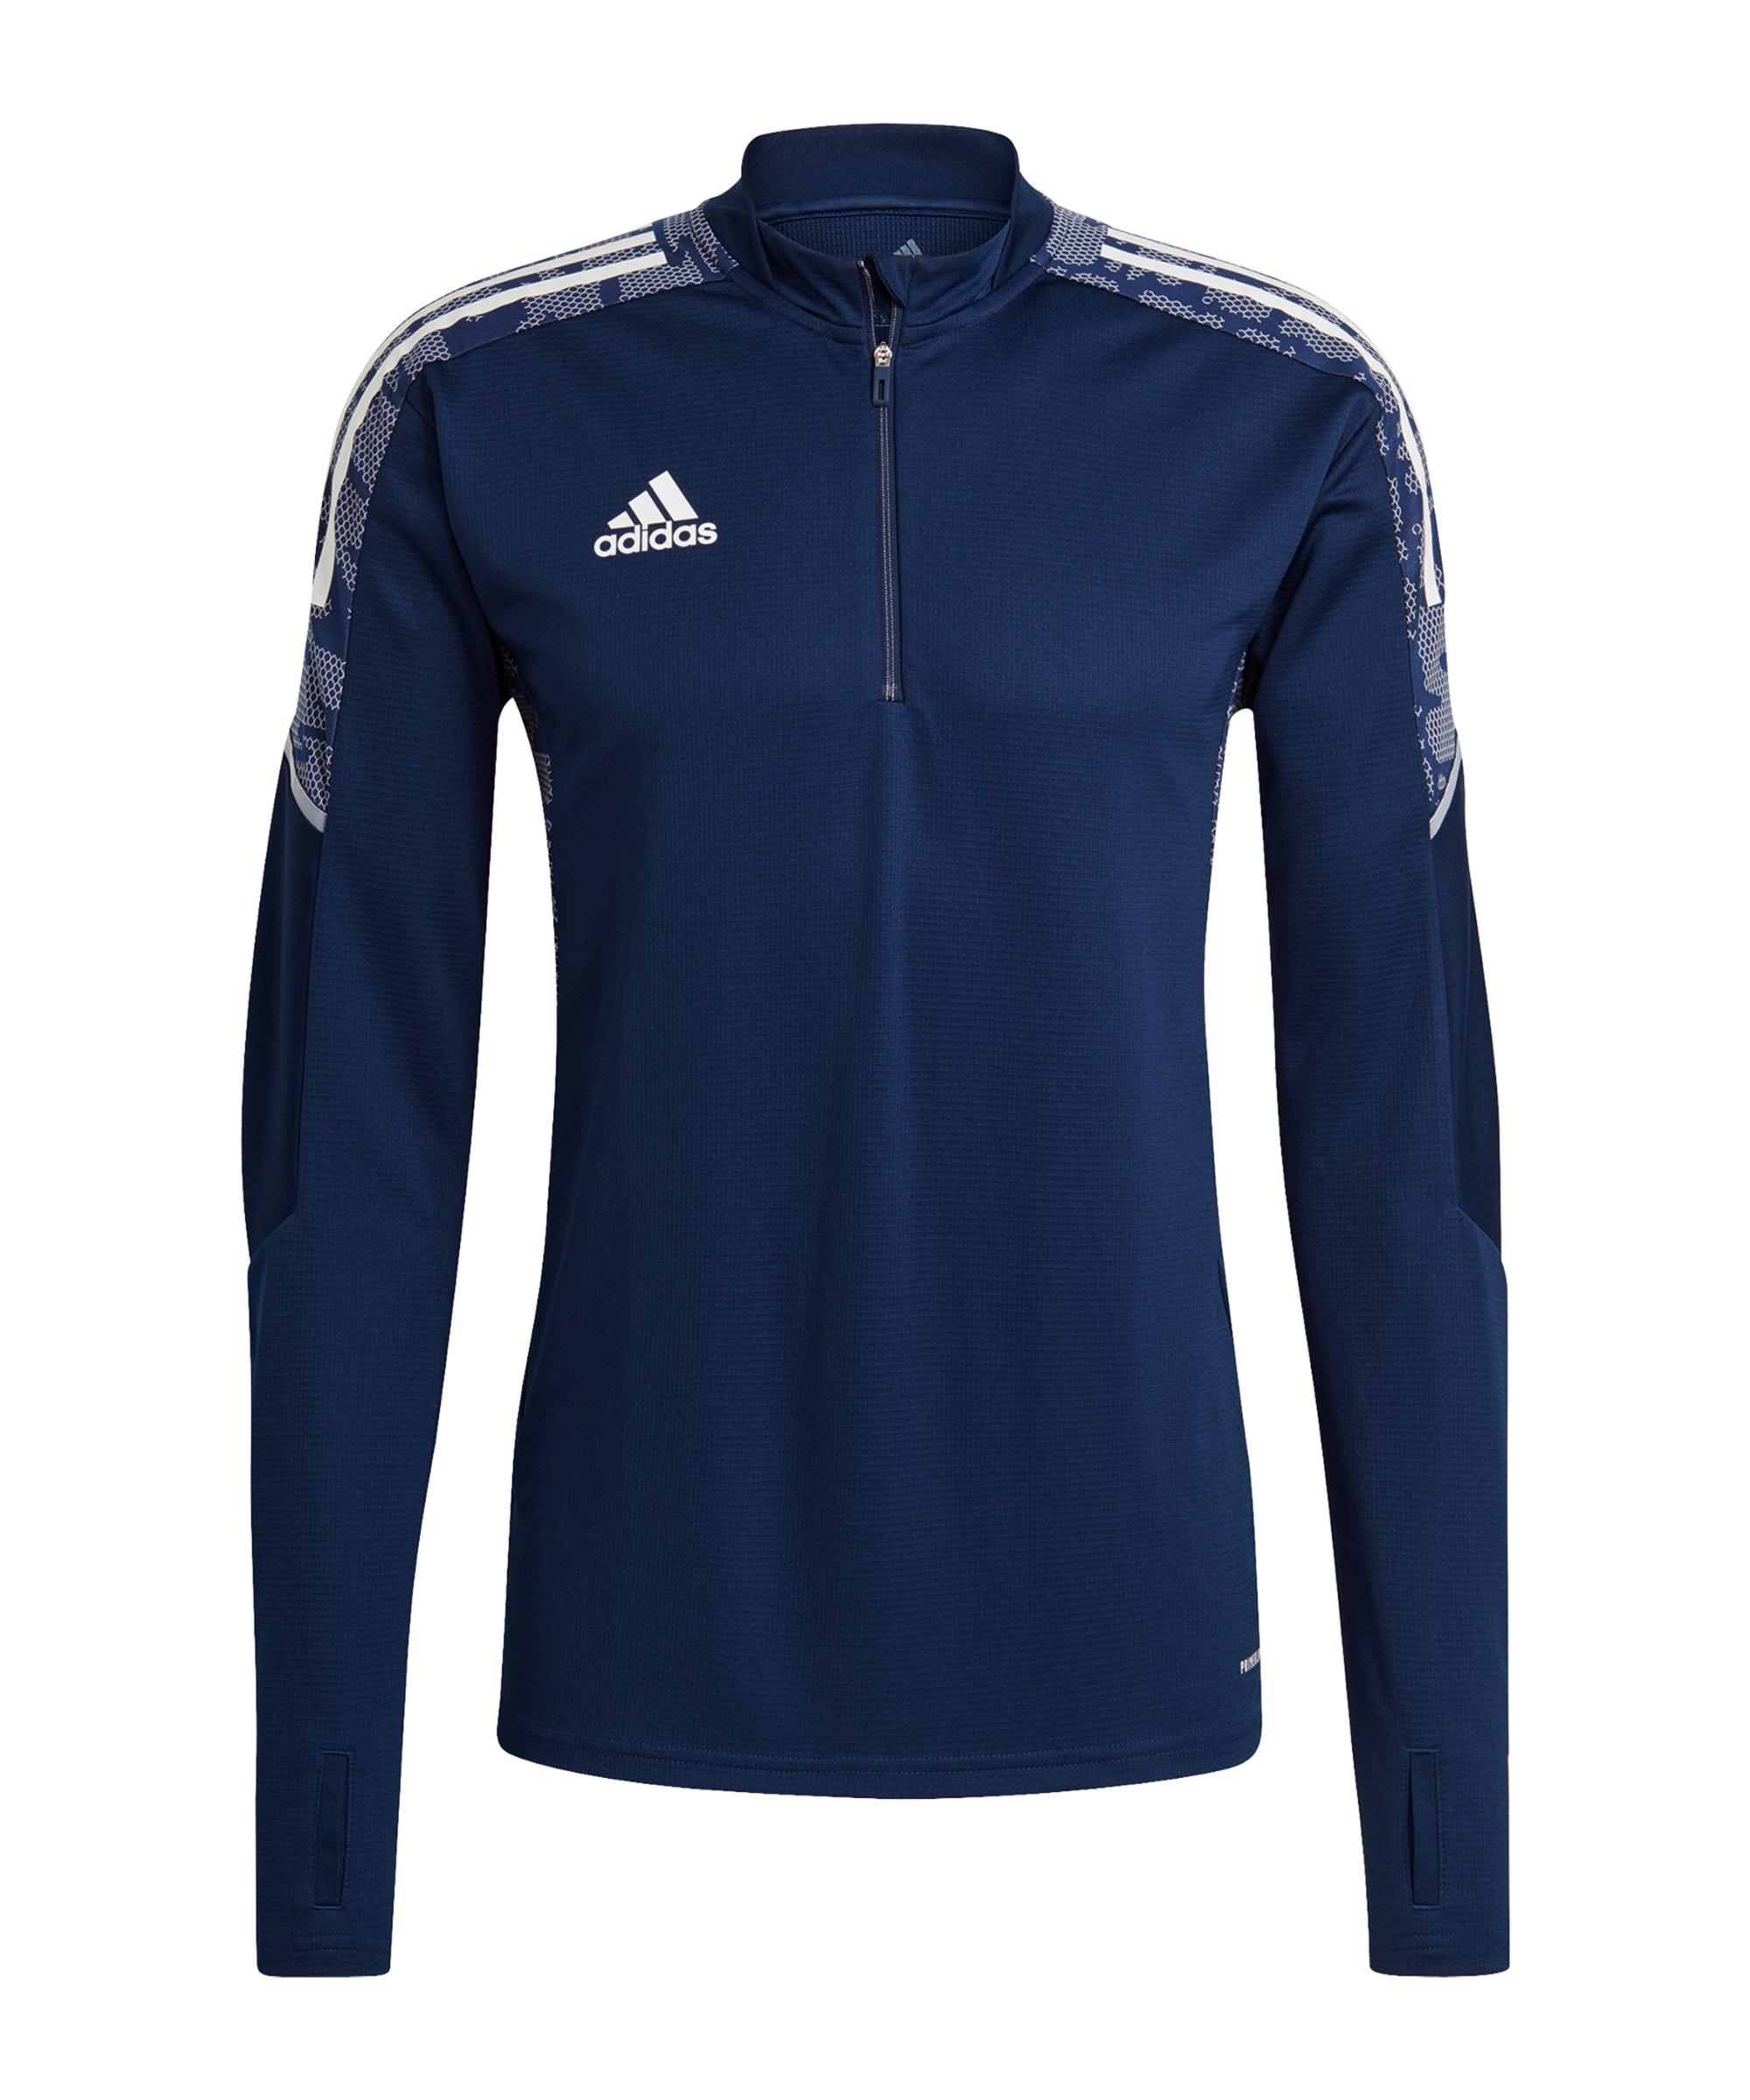 adidas Condivo 21 Trainingstop Blau - blau